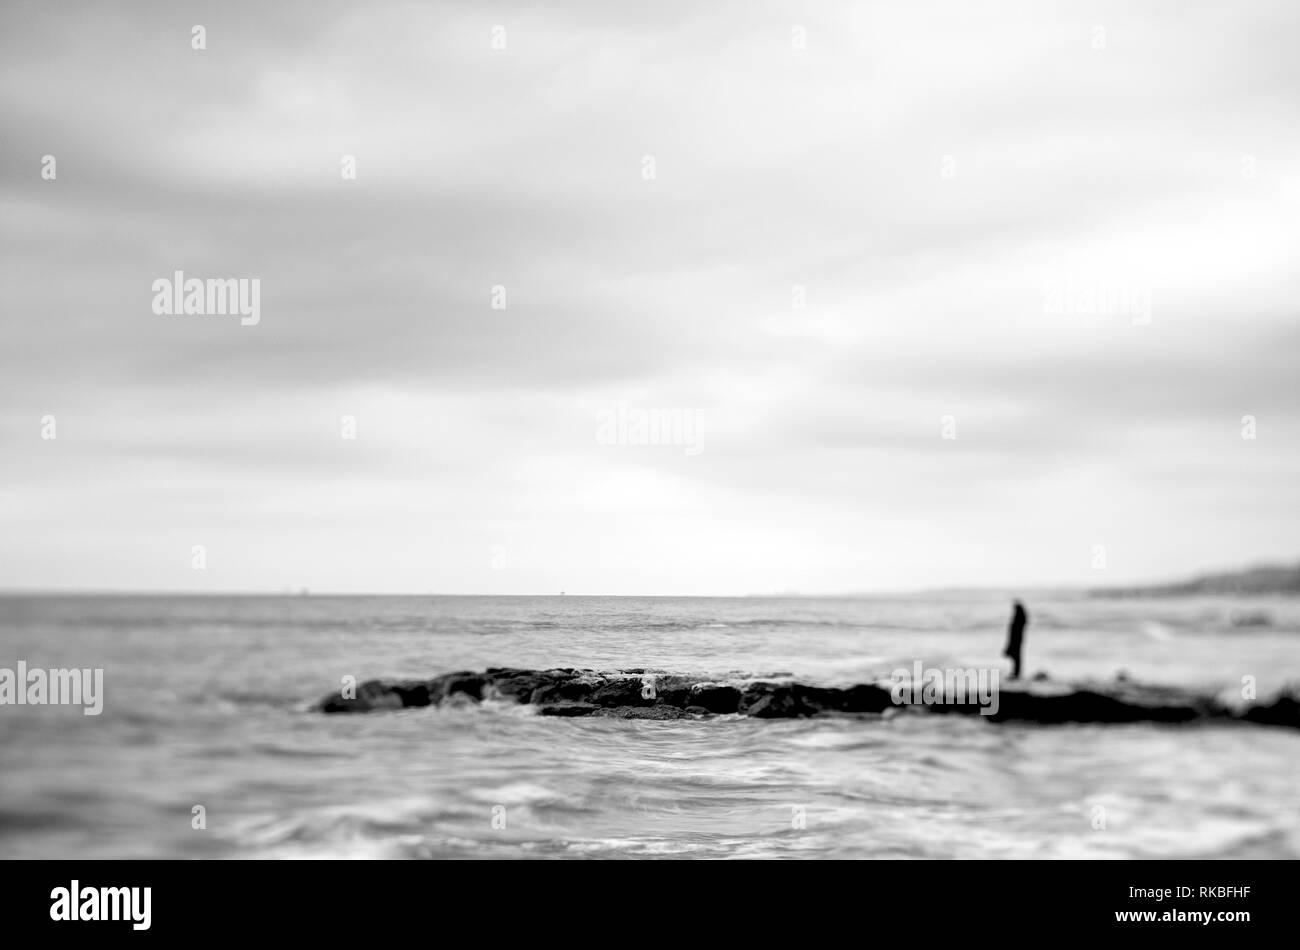 Auf der Uferpromenade, betrachten das Meer stehende Person Stockbild